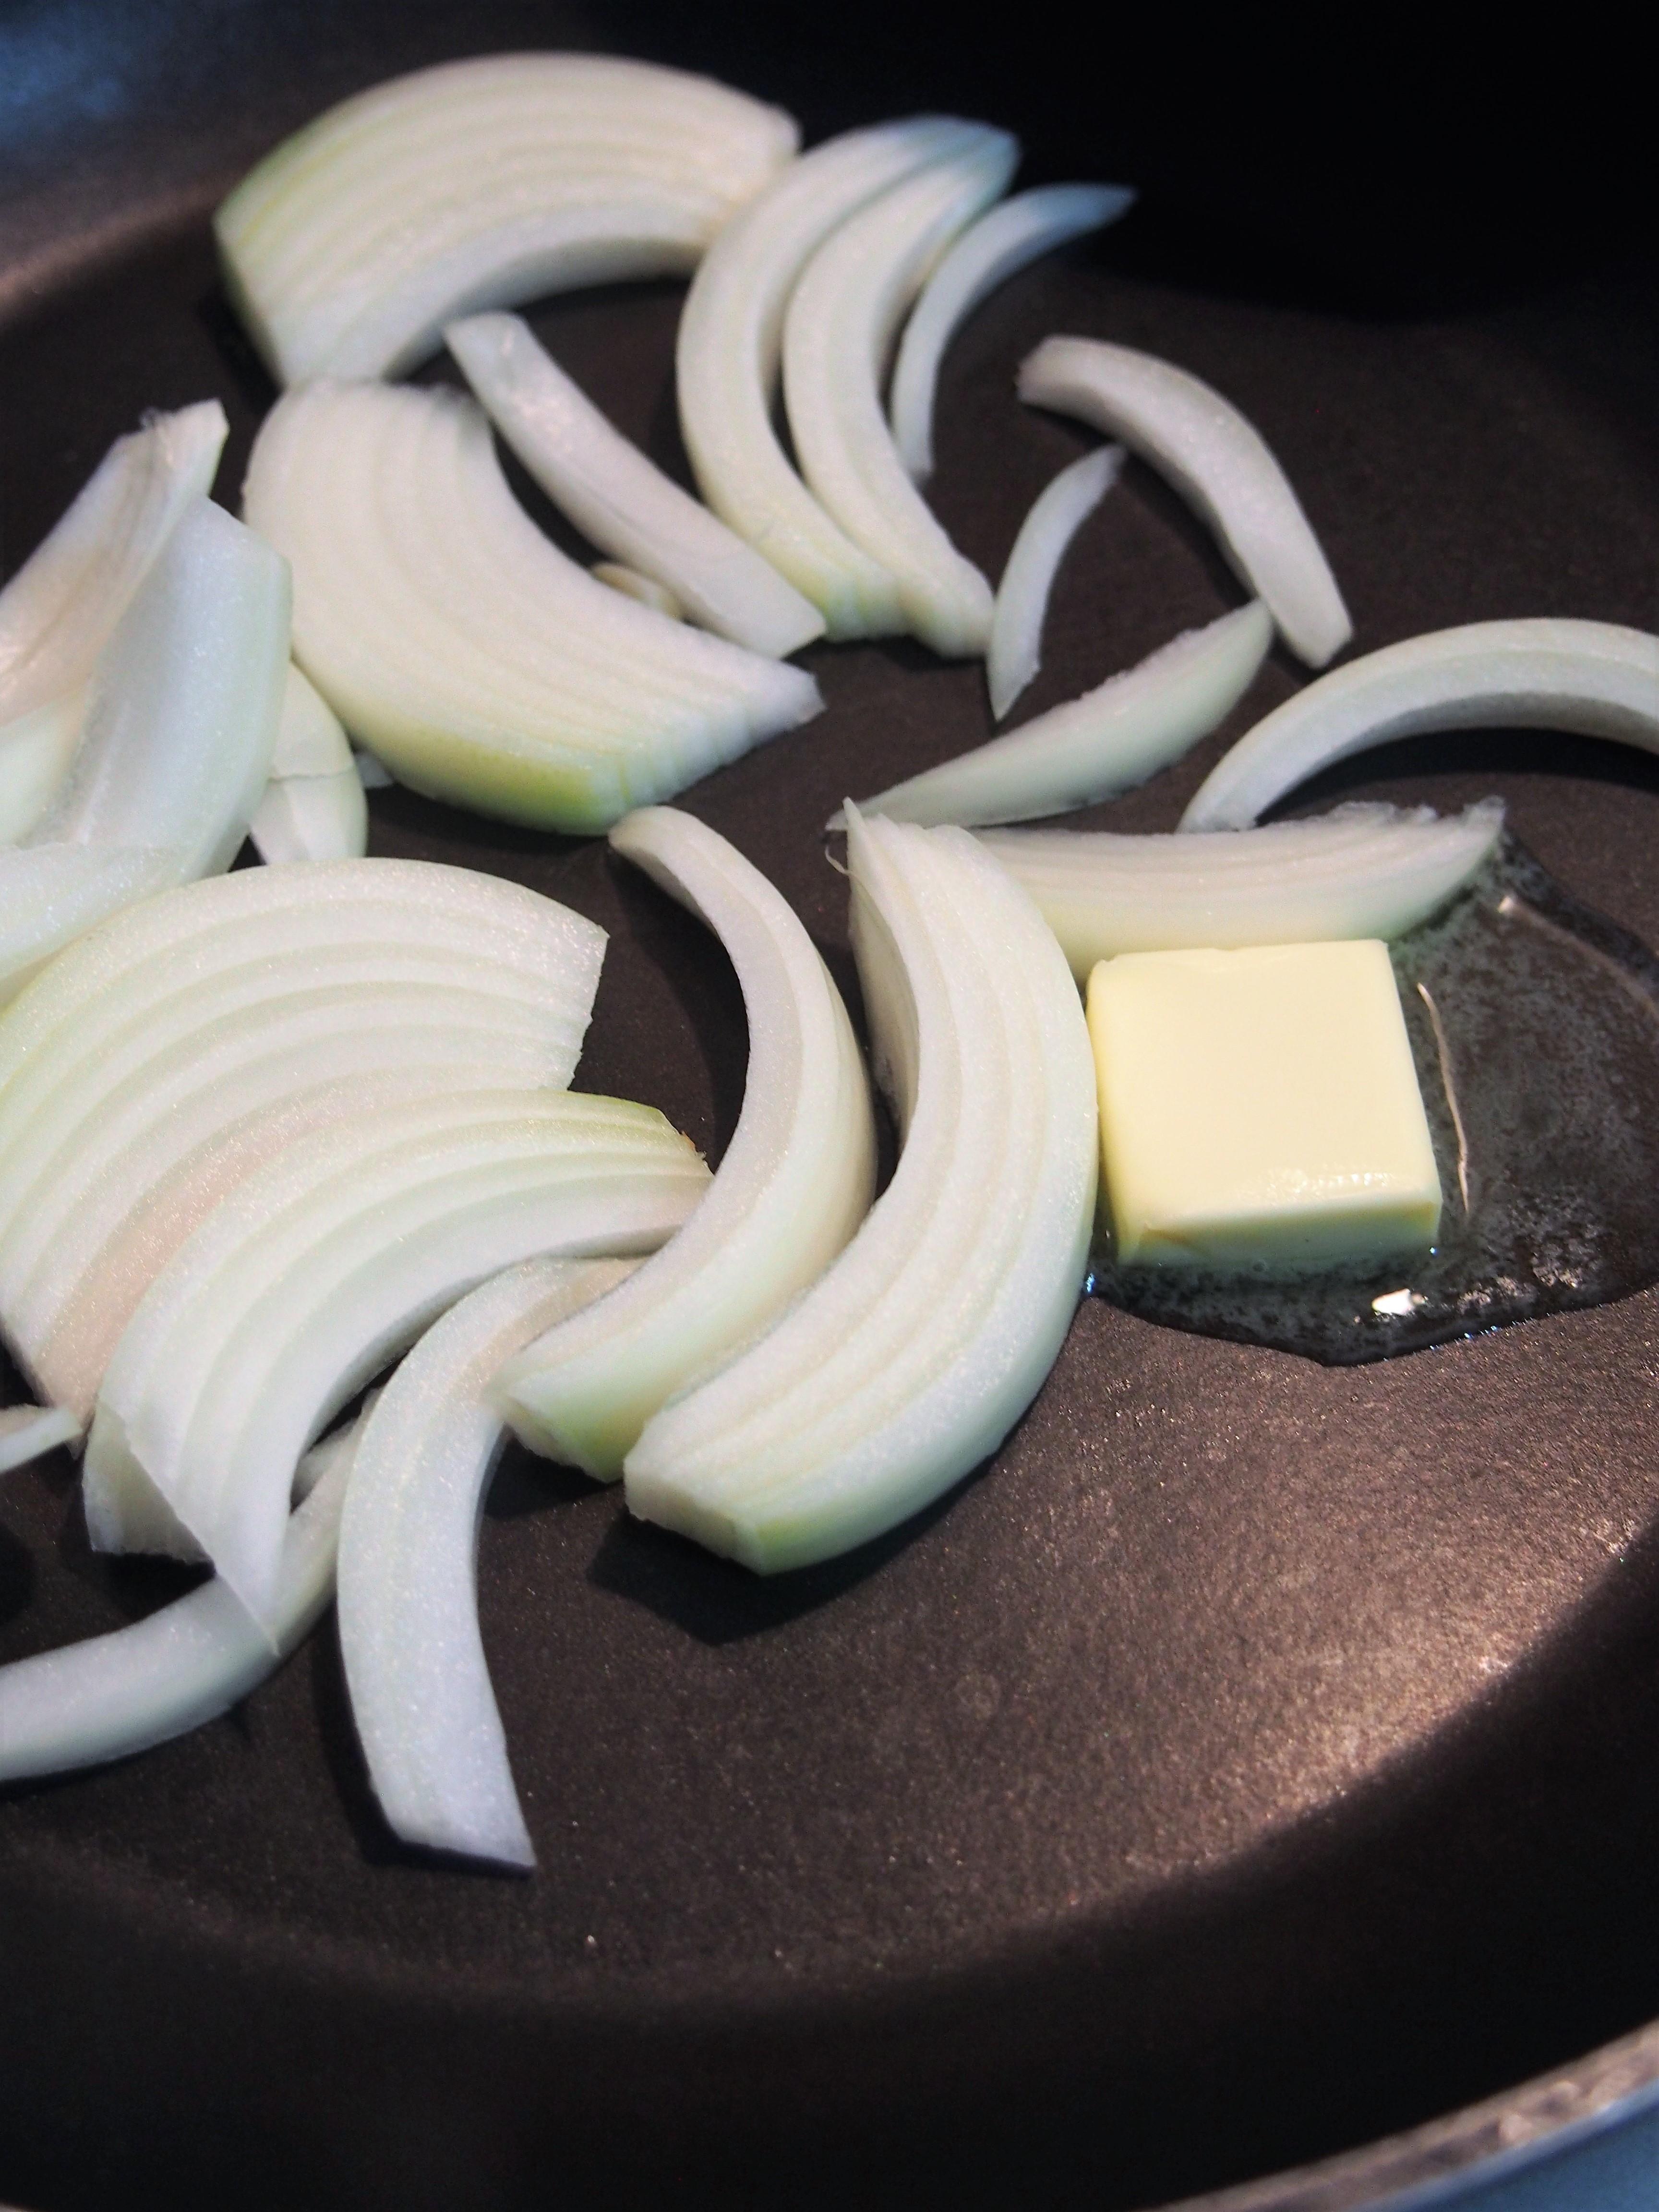 フライパンにたまねぎ、バター10gを入れて加熱する